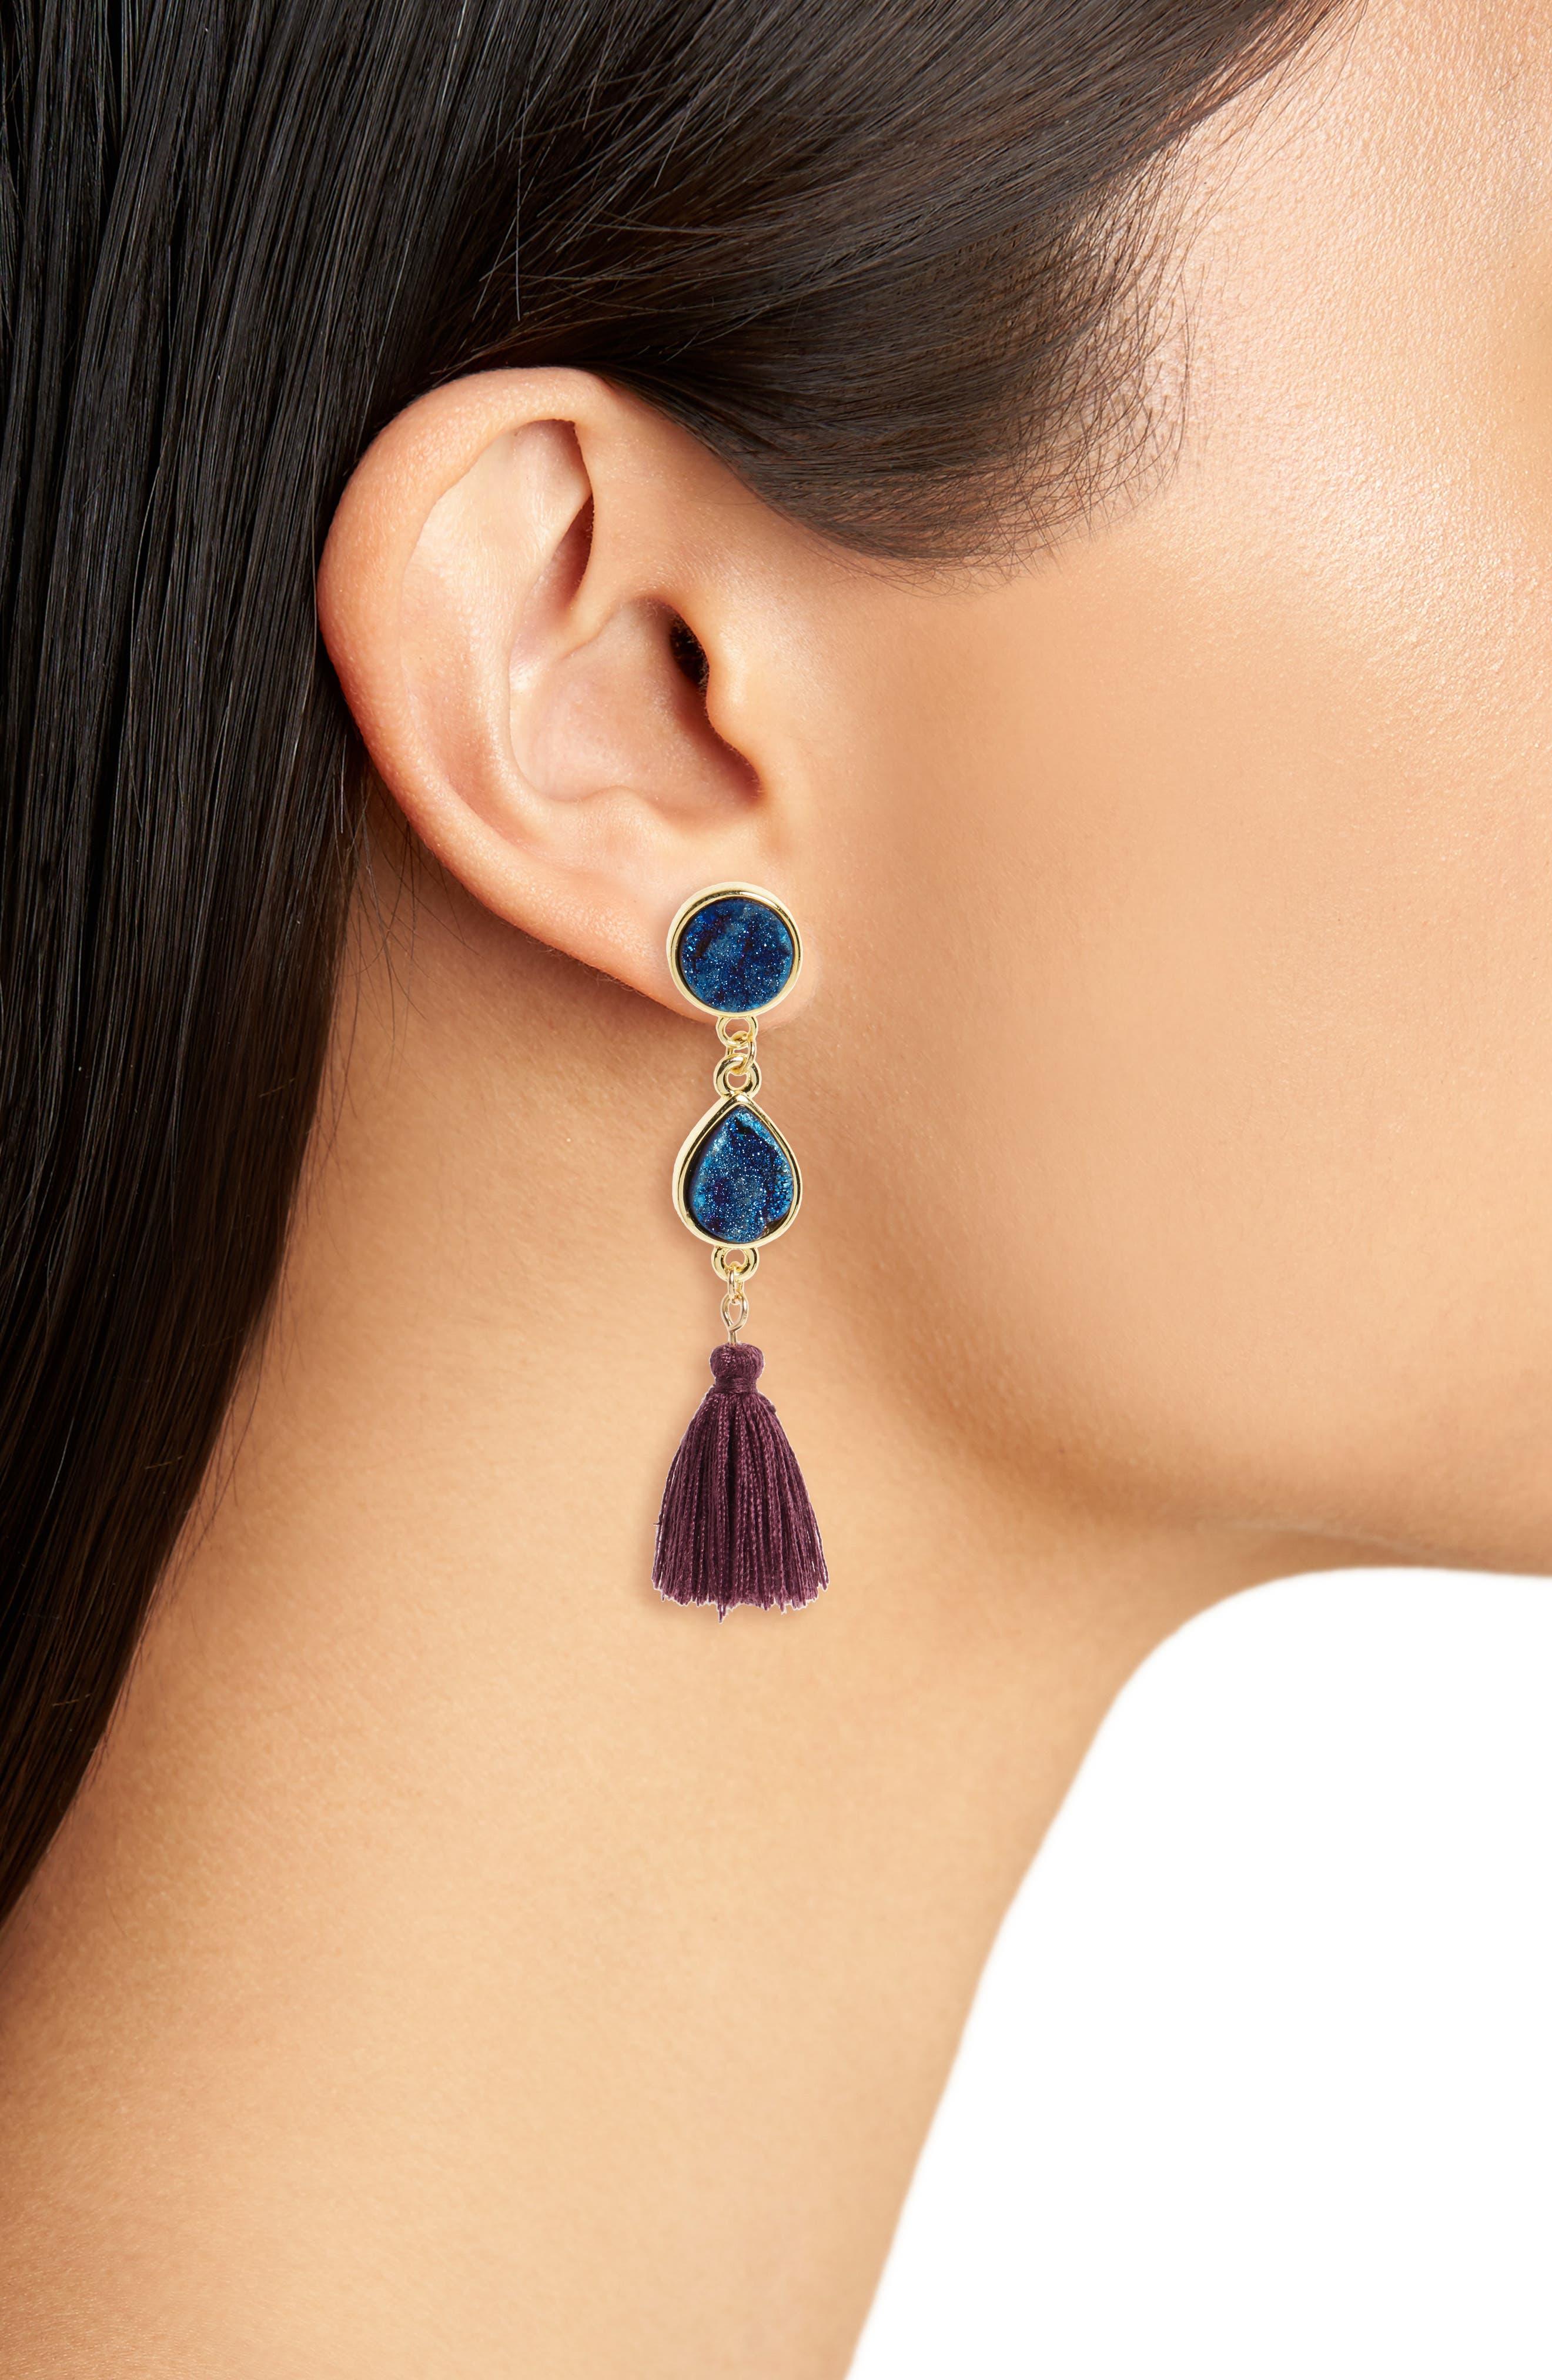 Drusy Quartz Tassel Earrings,                             Alternate thumbnail 2, color,                             410